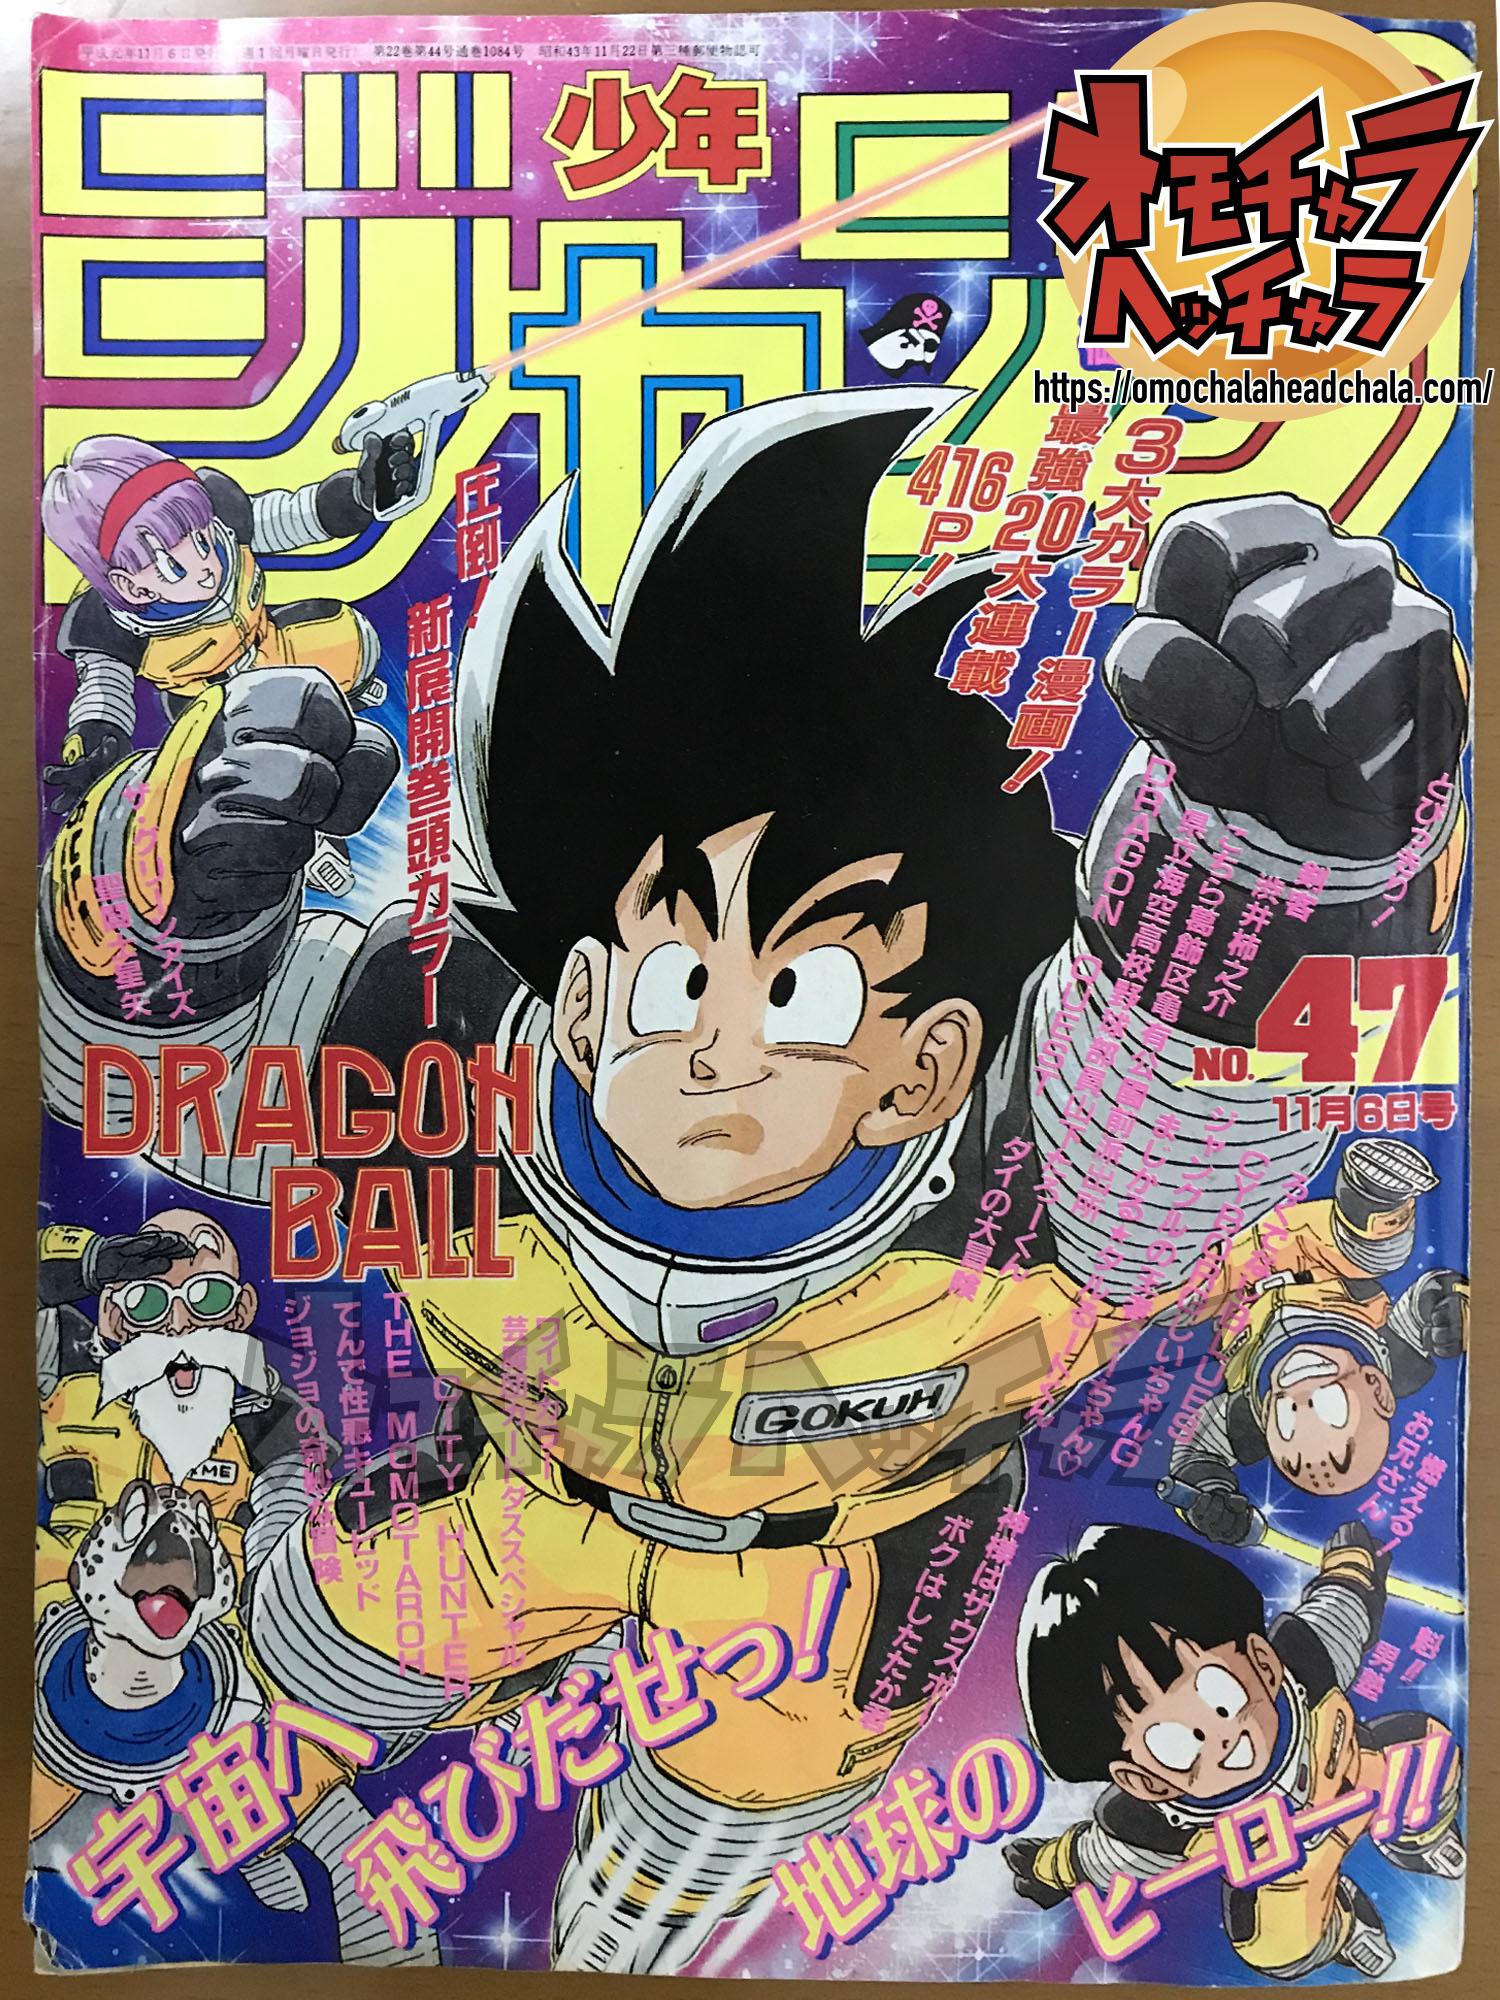 ドラゴンボールブログのナメック星編(フリーザ編)突入回の週刊少年ジャンプ1989年47号